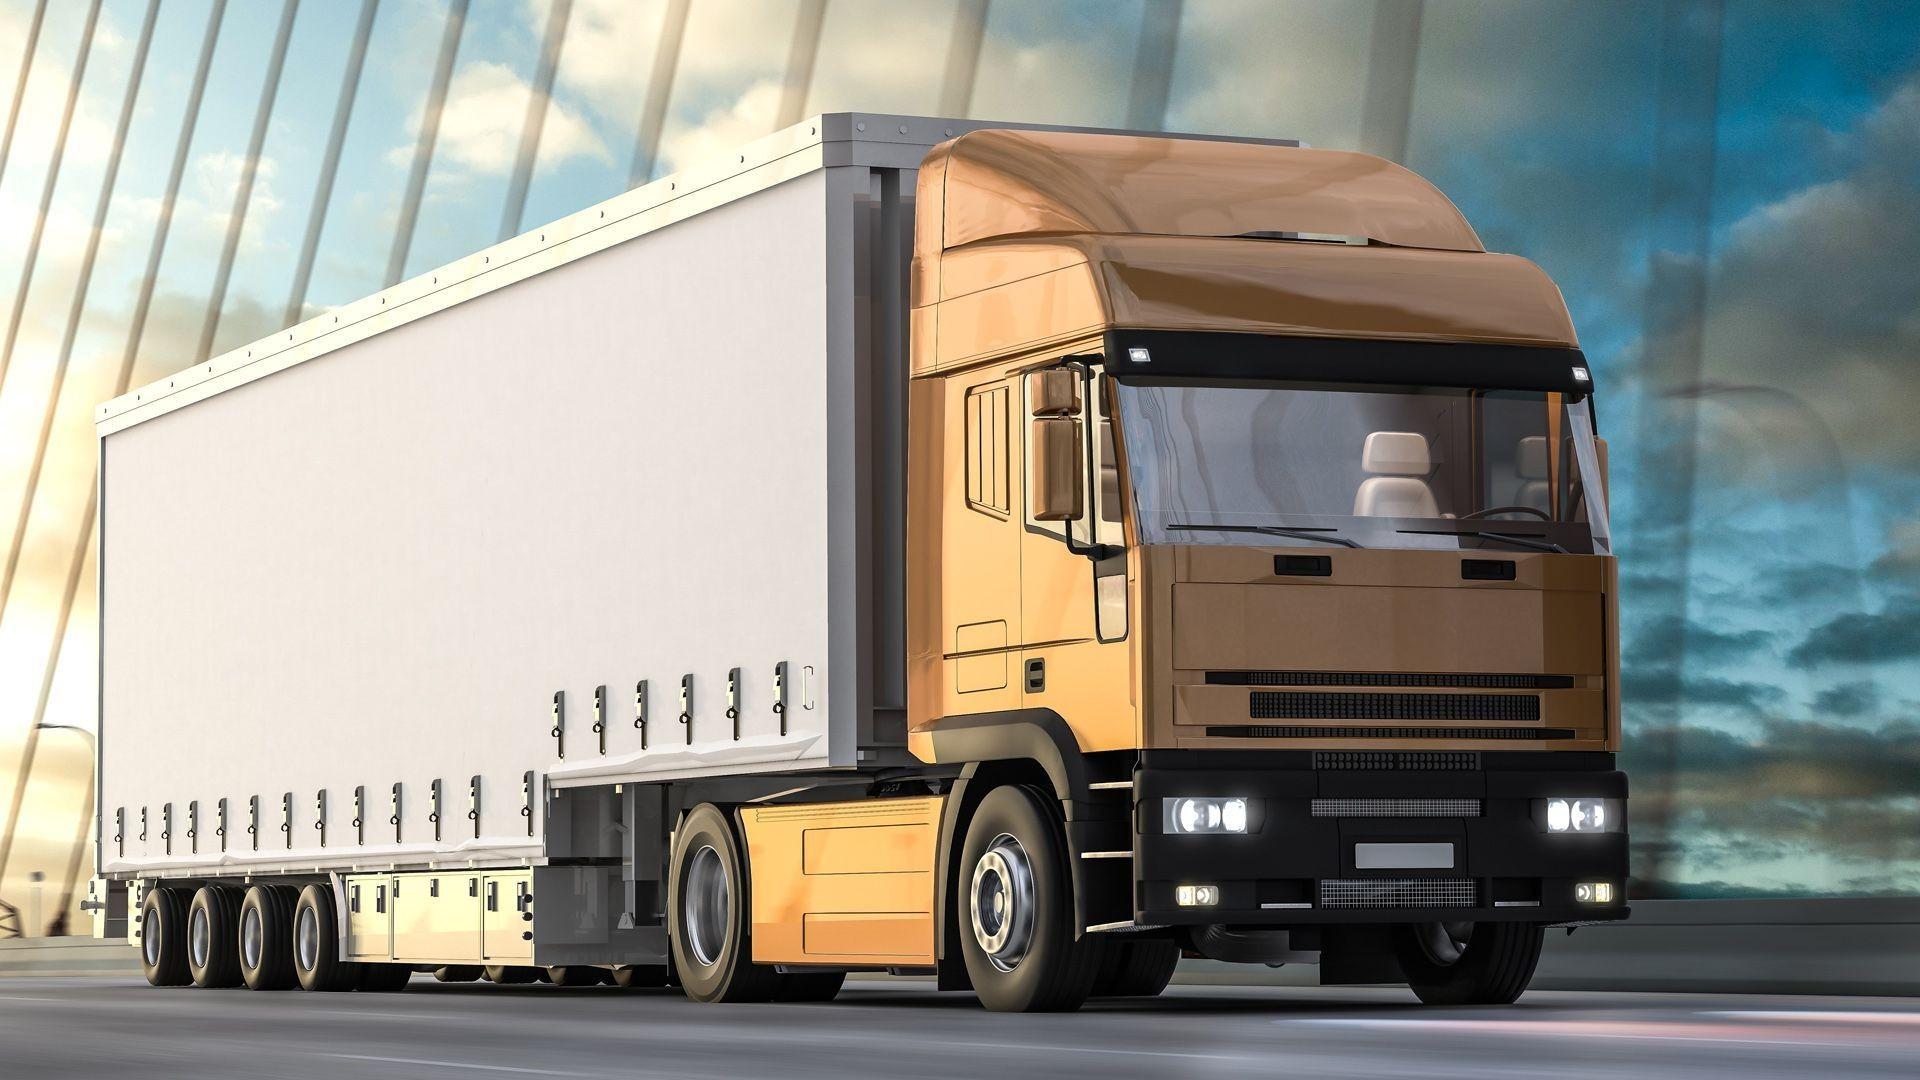 000 transportes camiones